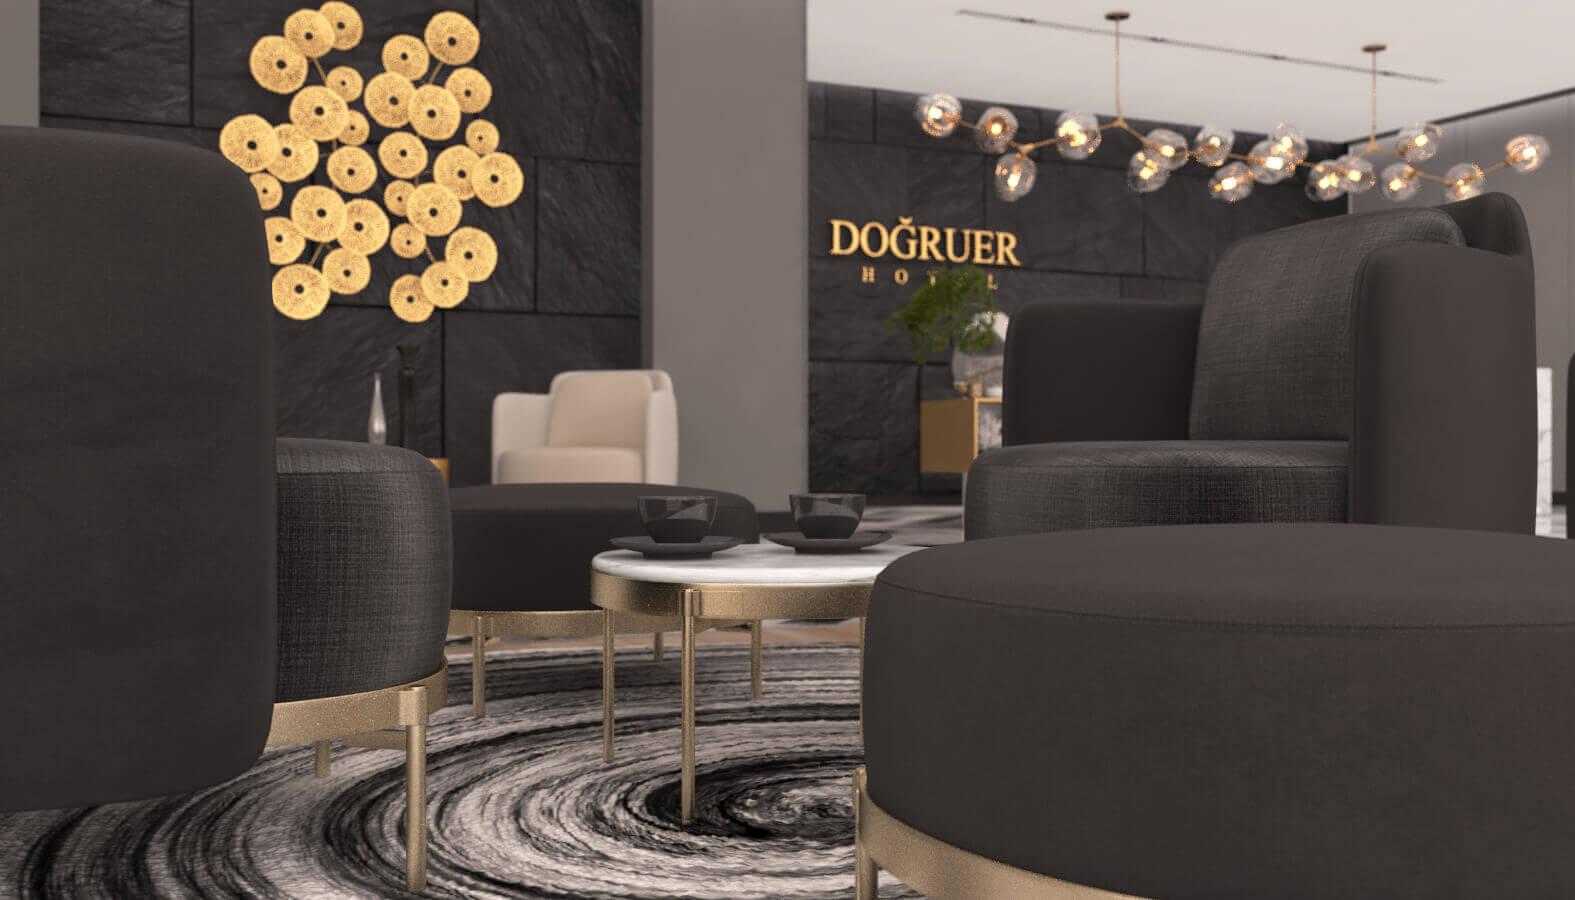 otel tasarımı 3590 Doğruer hotel Oteller